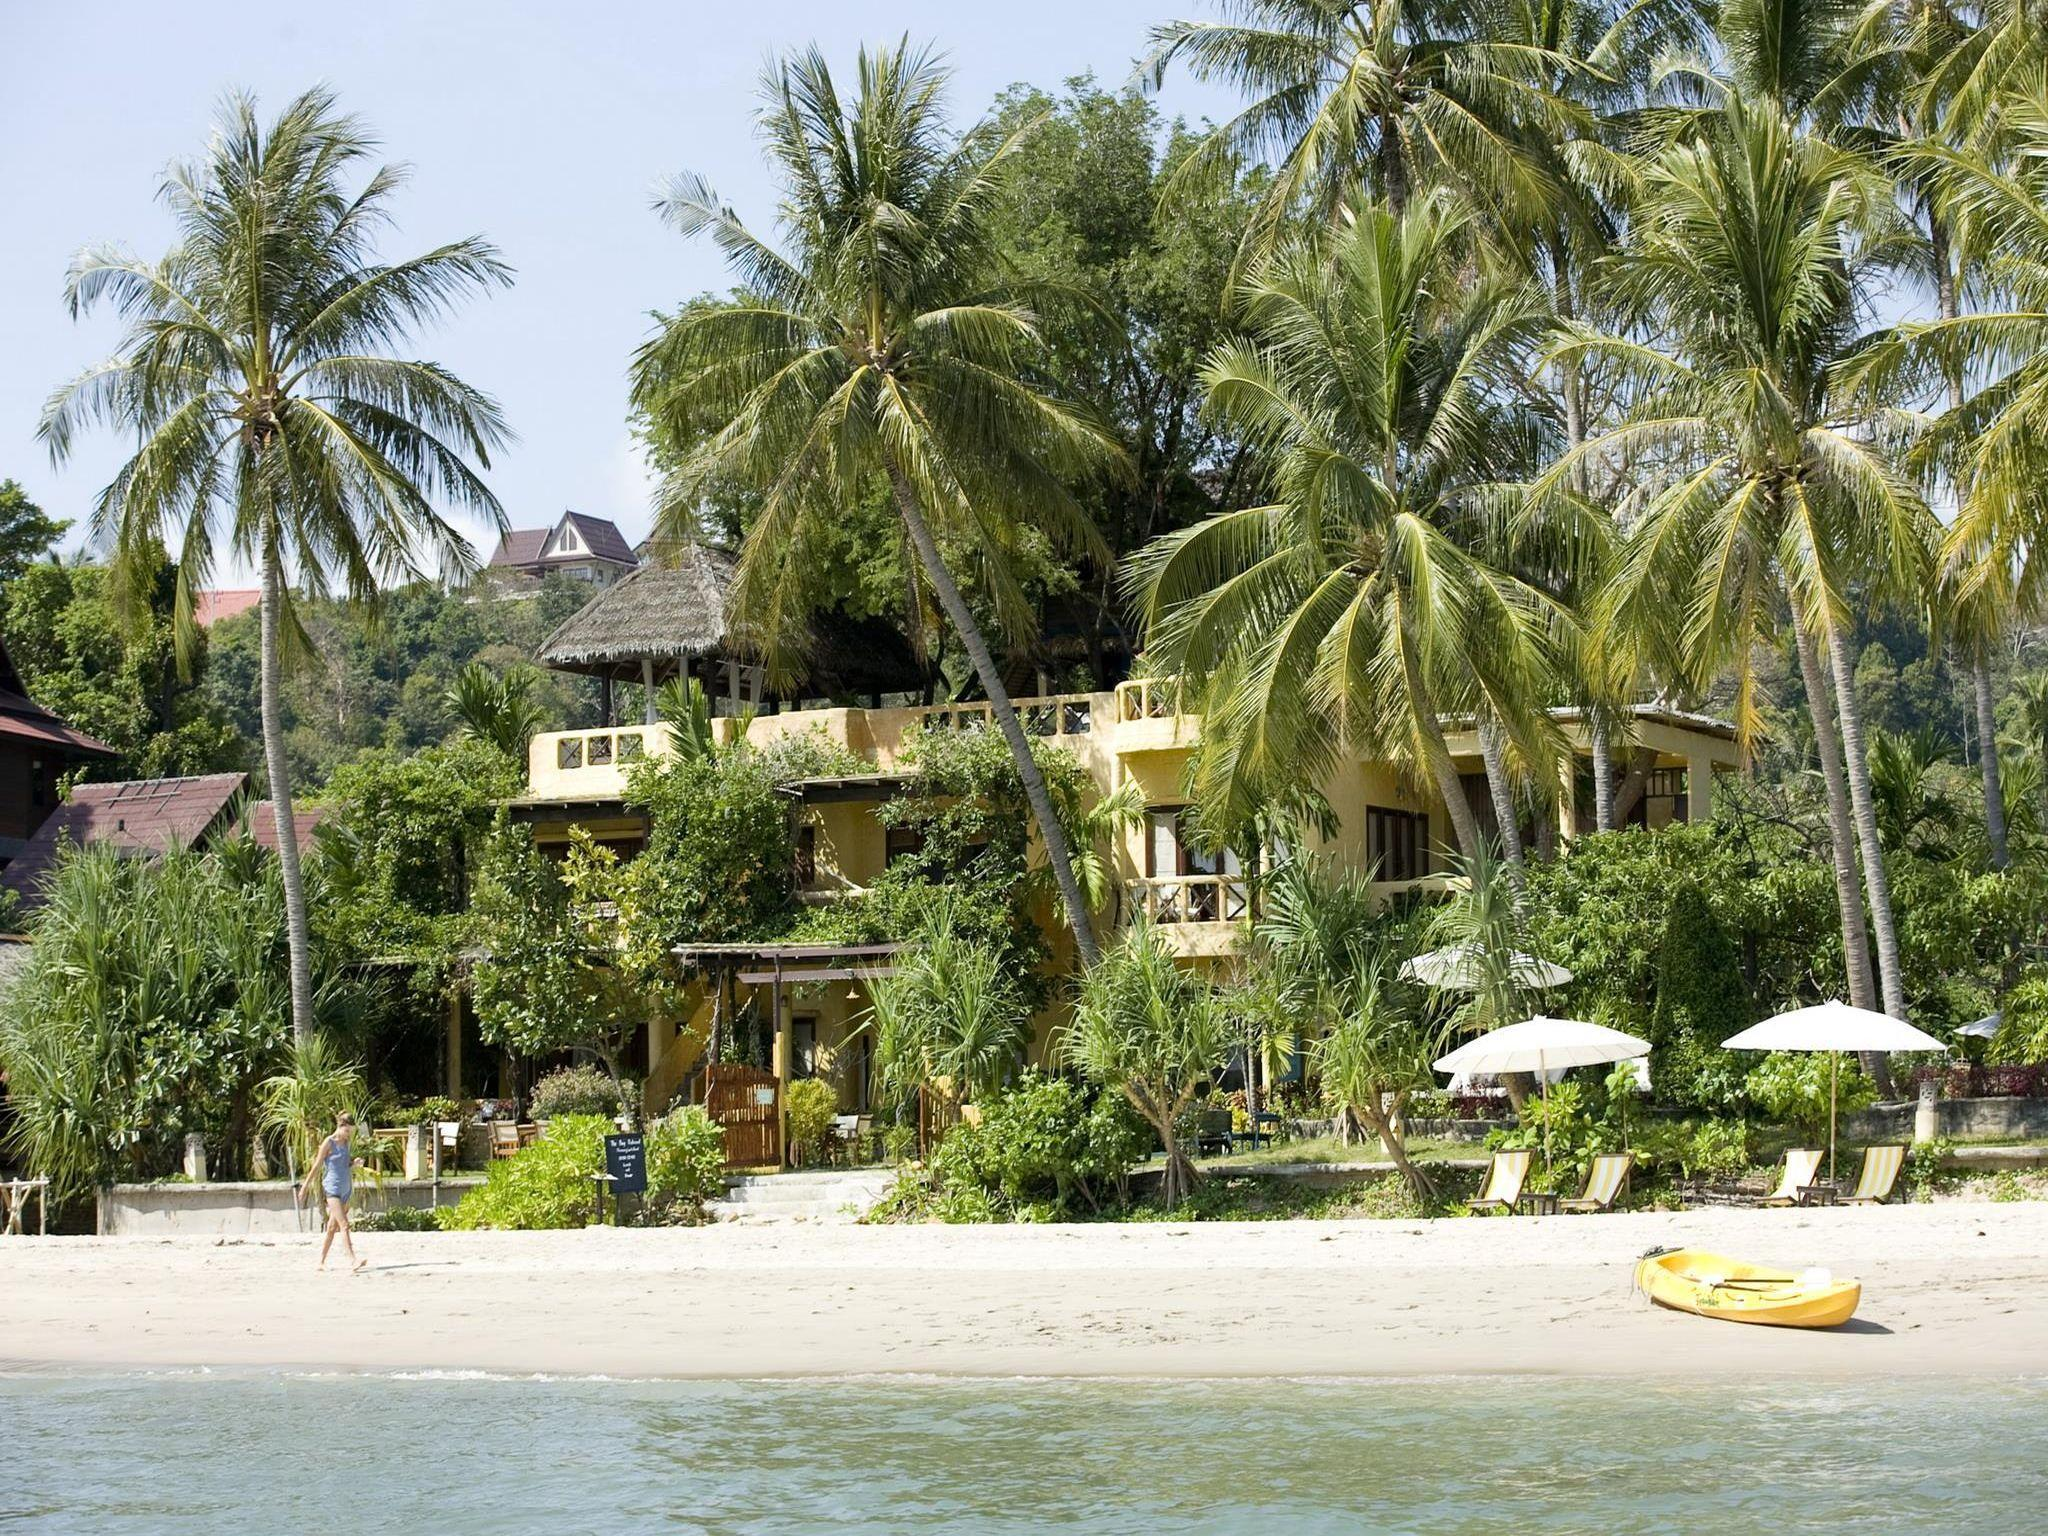 Vacation Village Phra Nang Lanta Vacation Village Phra Nang Lanta